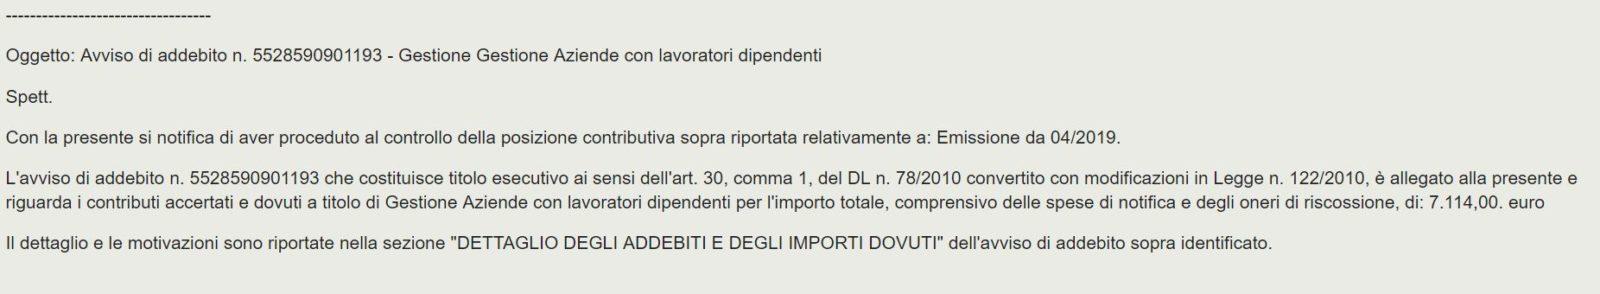 Sardegna: mail truffa ad aziende. Attenzione